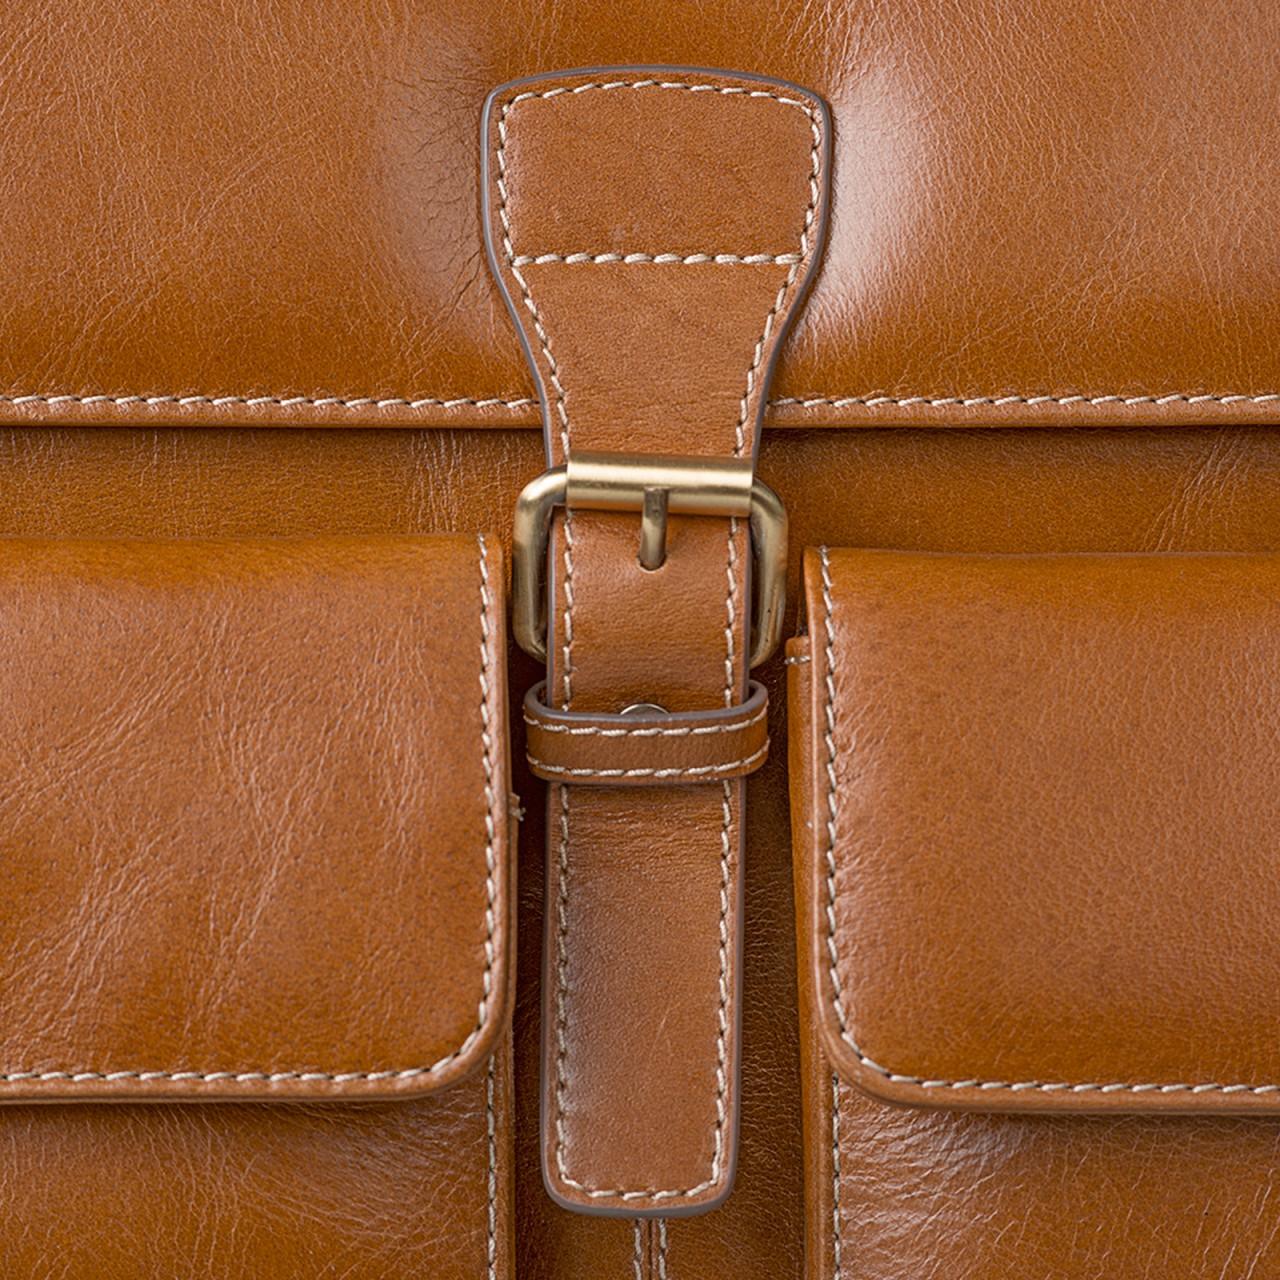 STILORD Businesstasche / Lehrertasche abnehmbarer Schultergurt Umhängetasche Aktentasche 15.6 Zoll Laptop Rinds Leder, cognac braun - Bild 7